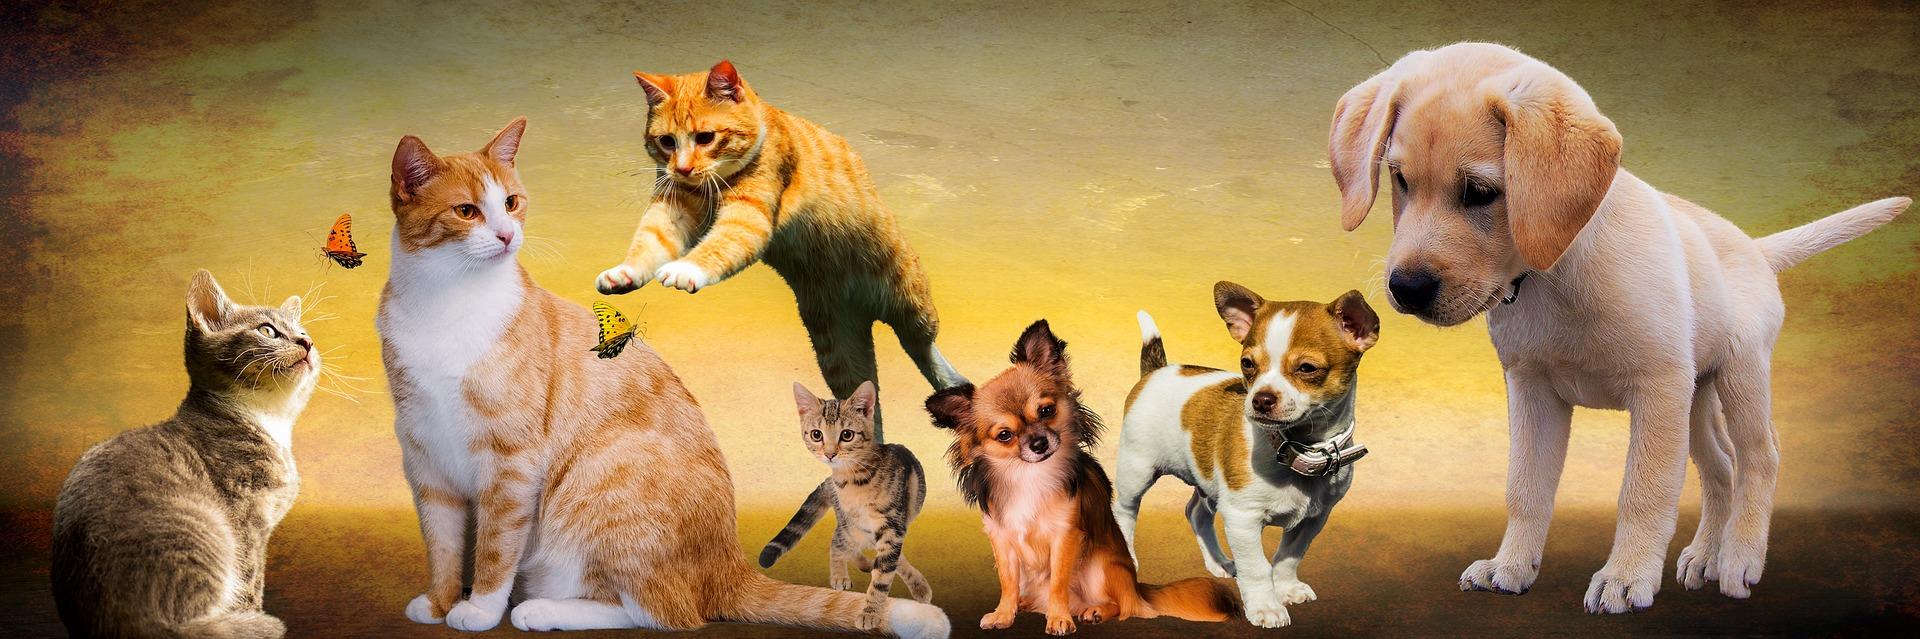 Dipl. Trainerin für Hunde und Katzen